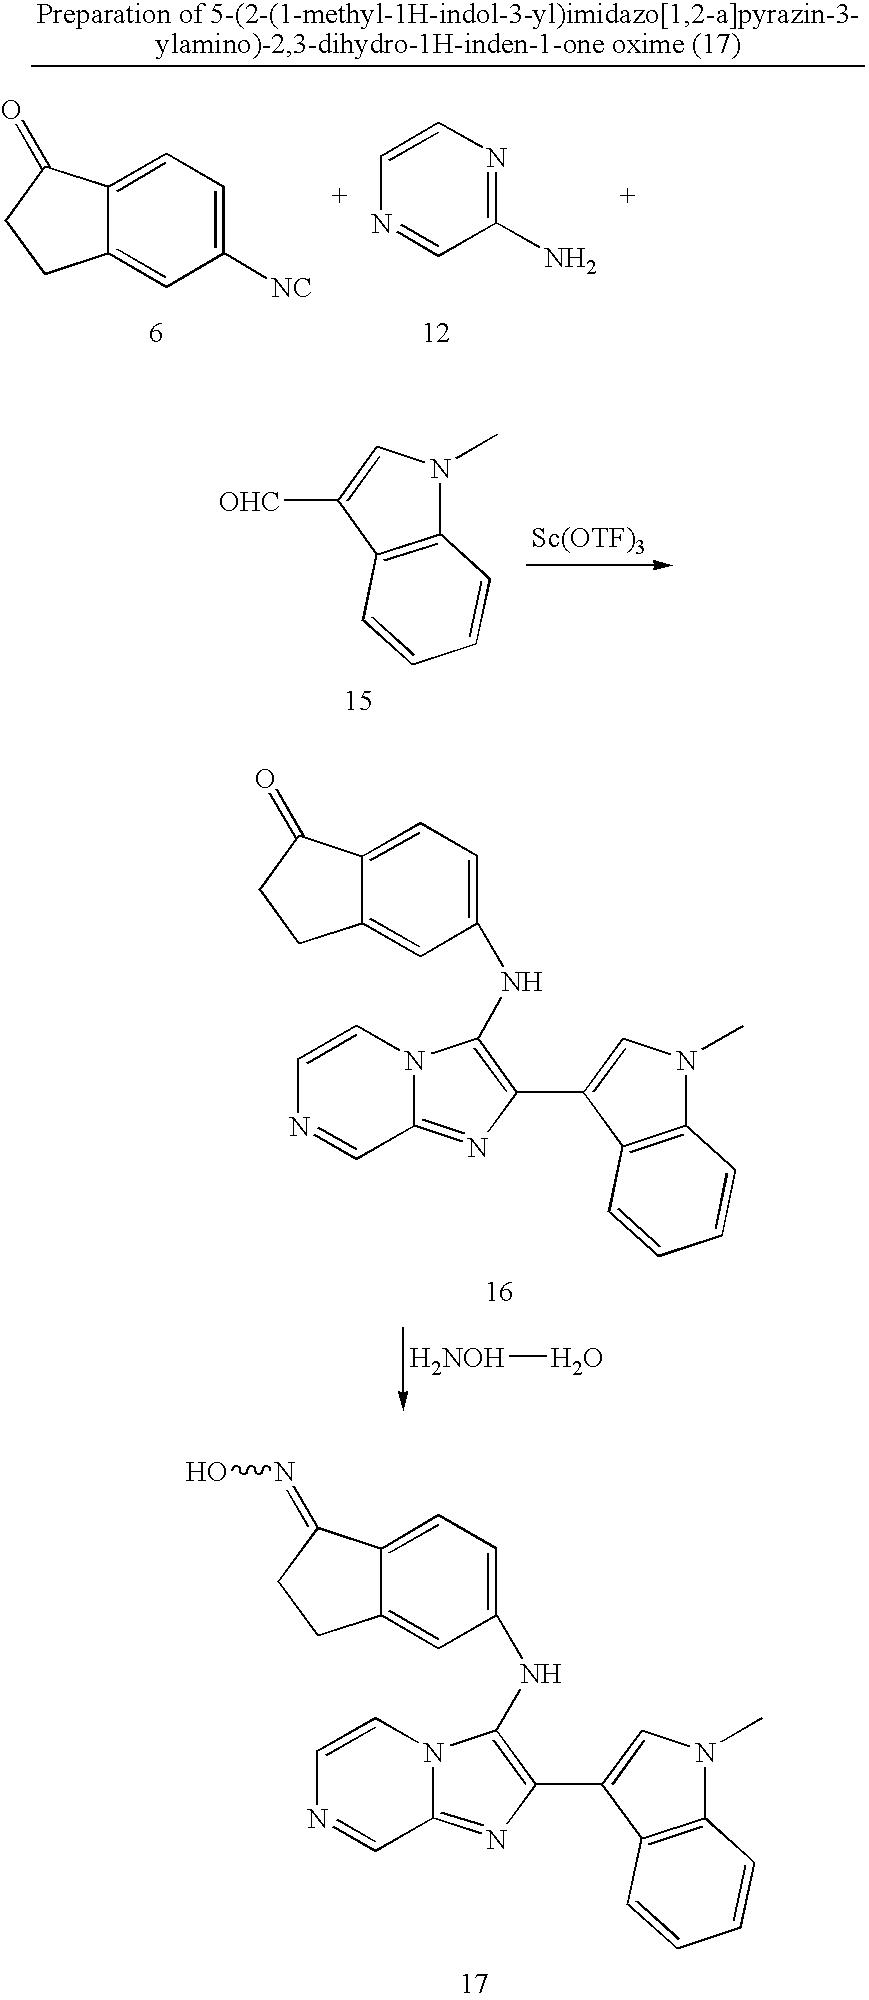 Figure US07566716-20090728-C00023